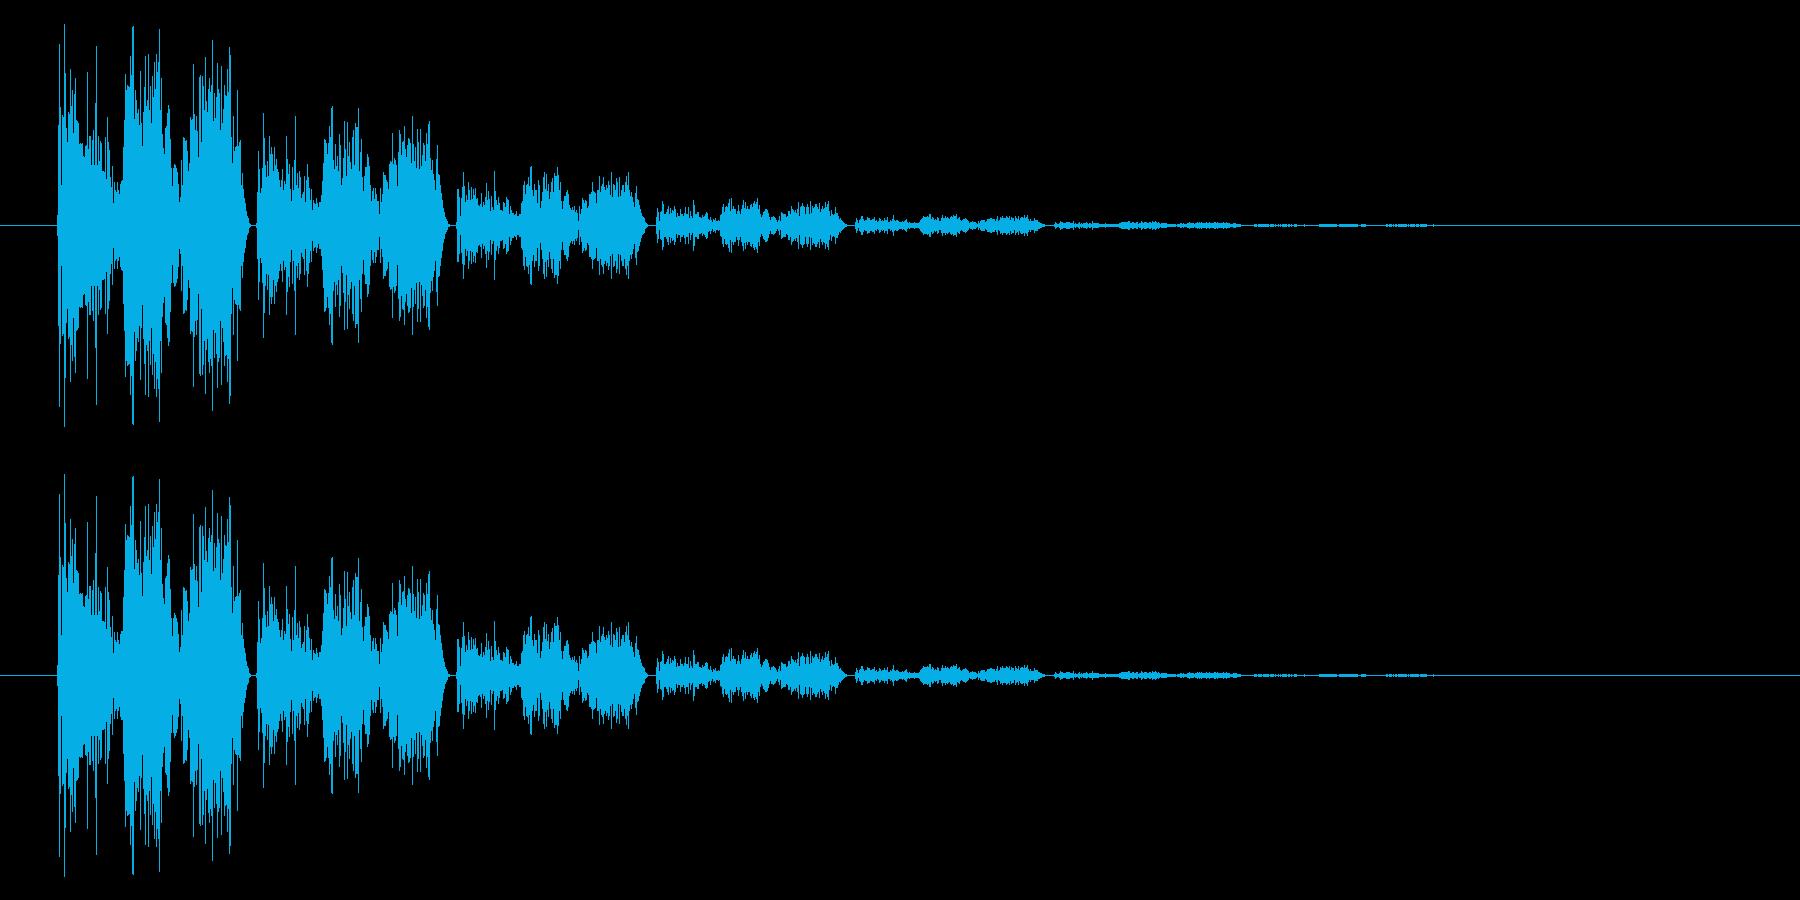 斬る04-4の再生済みの波形